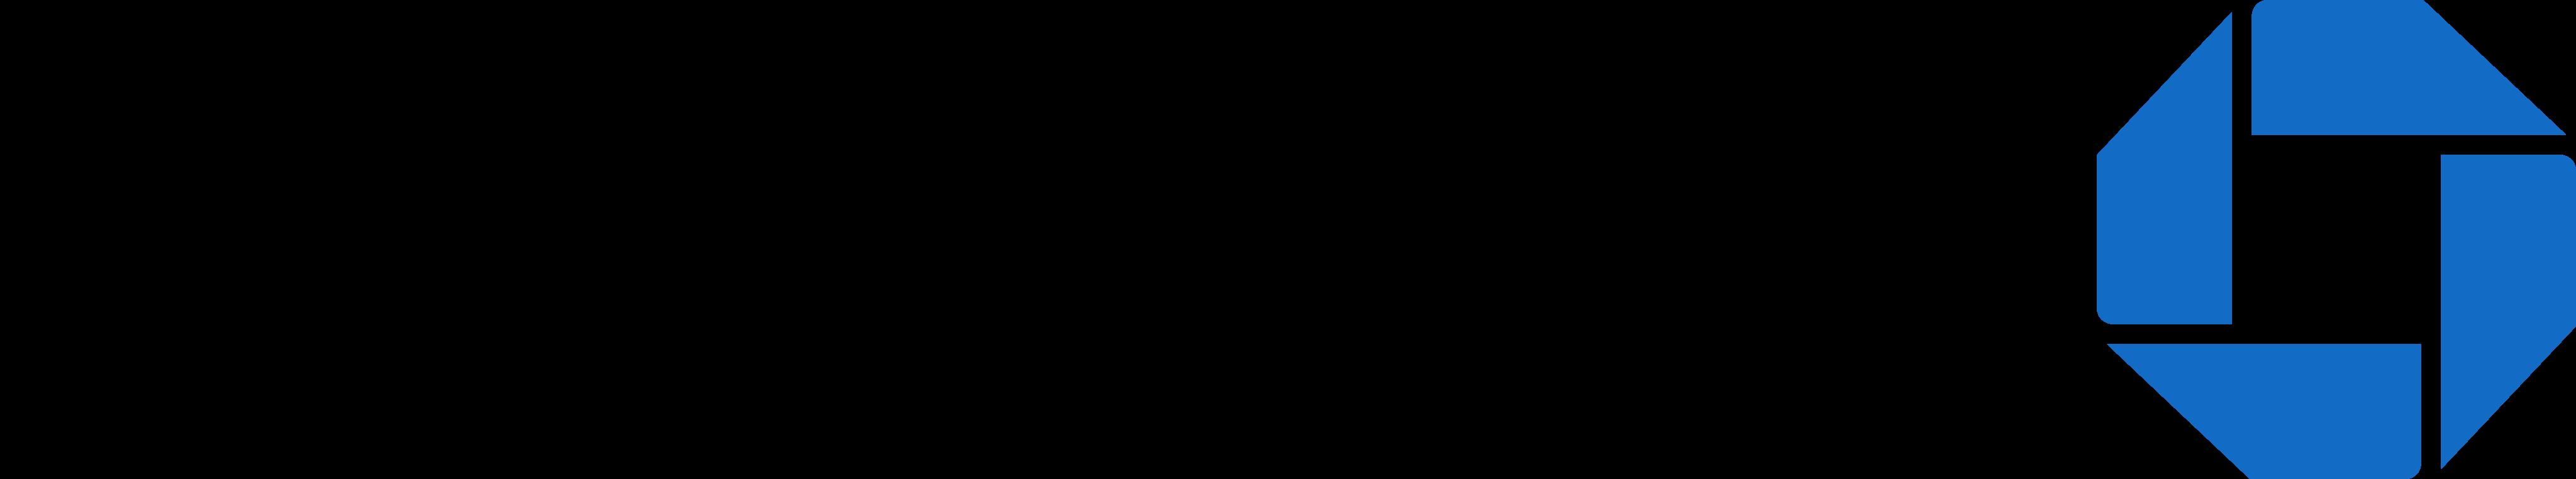 chase logo - Chase Logo